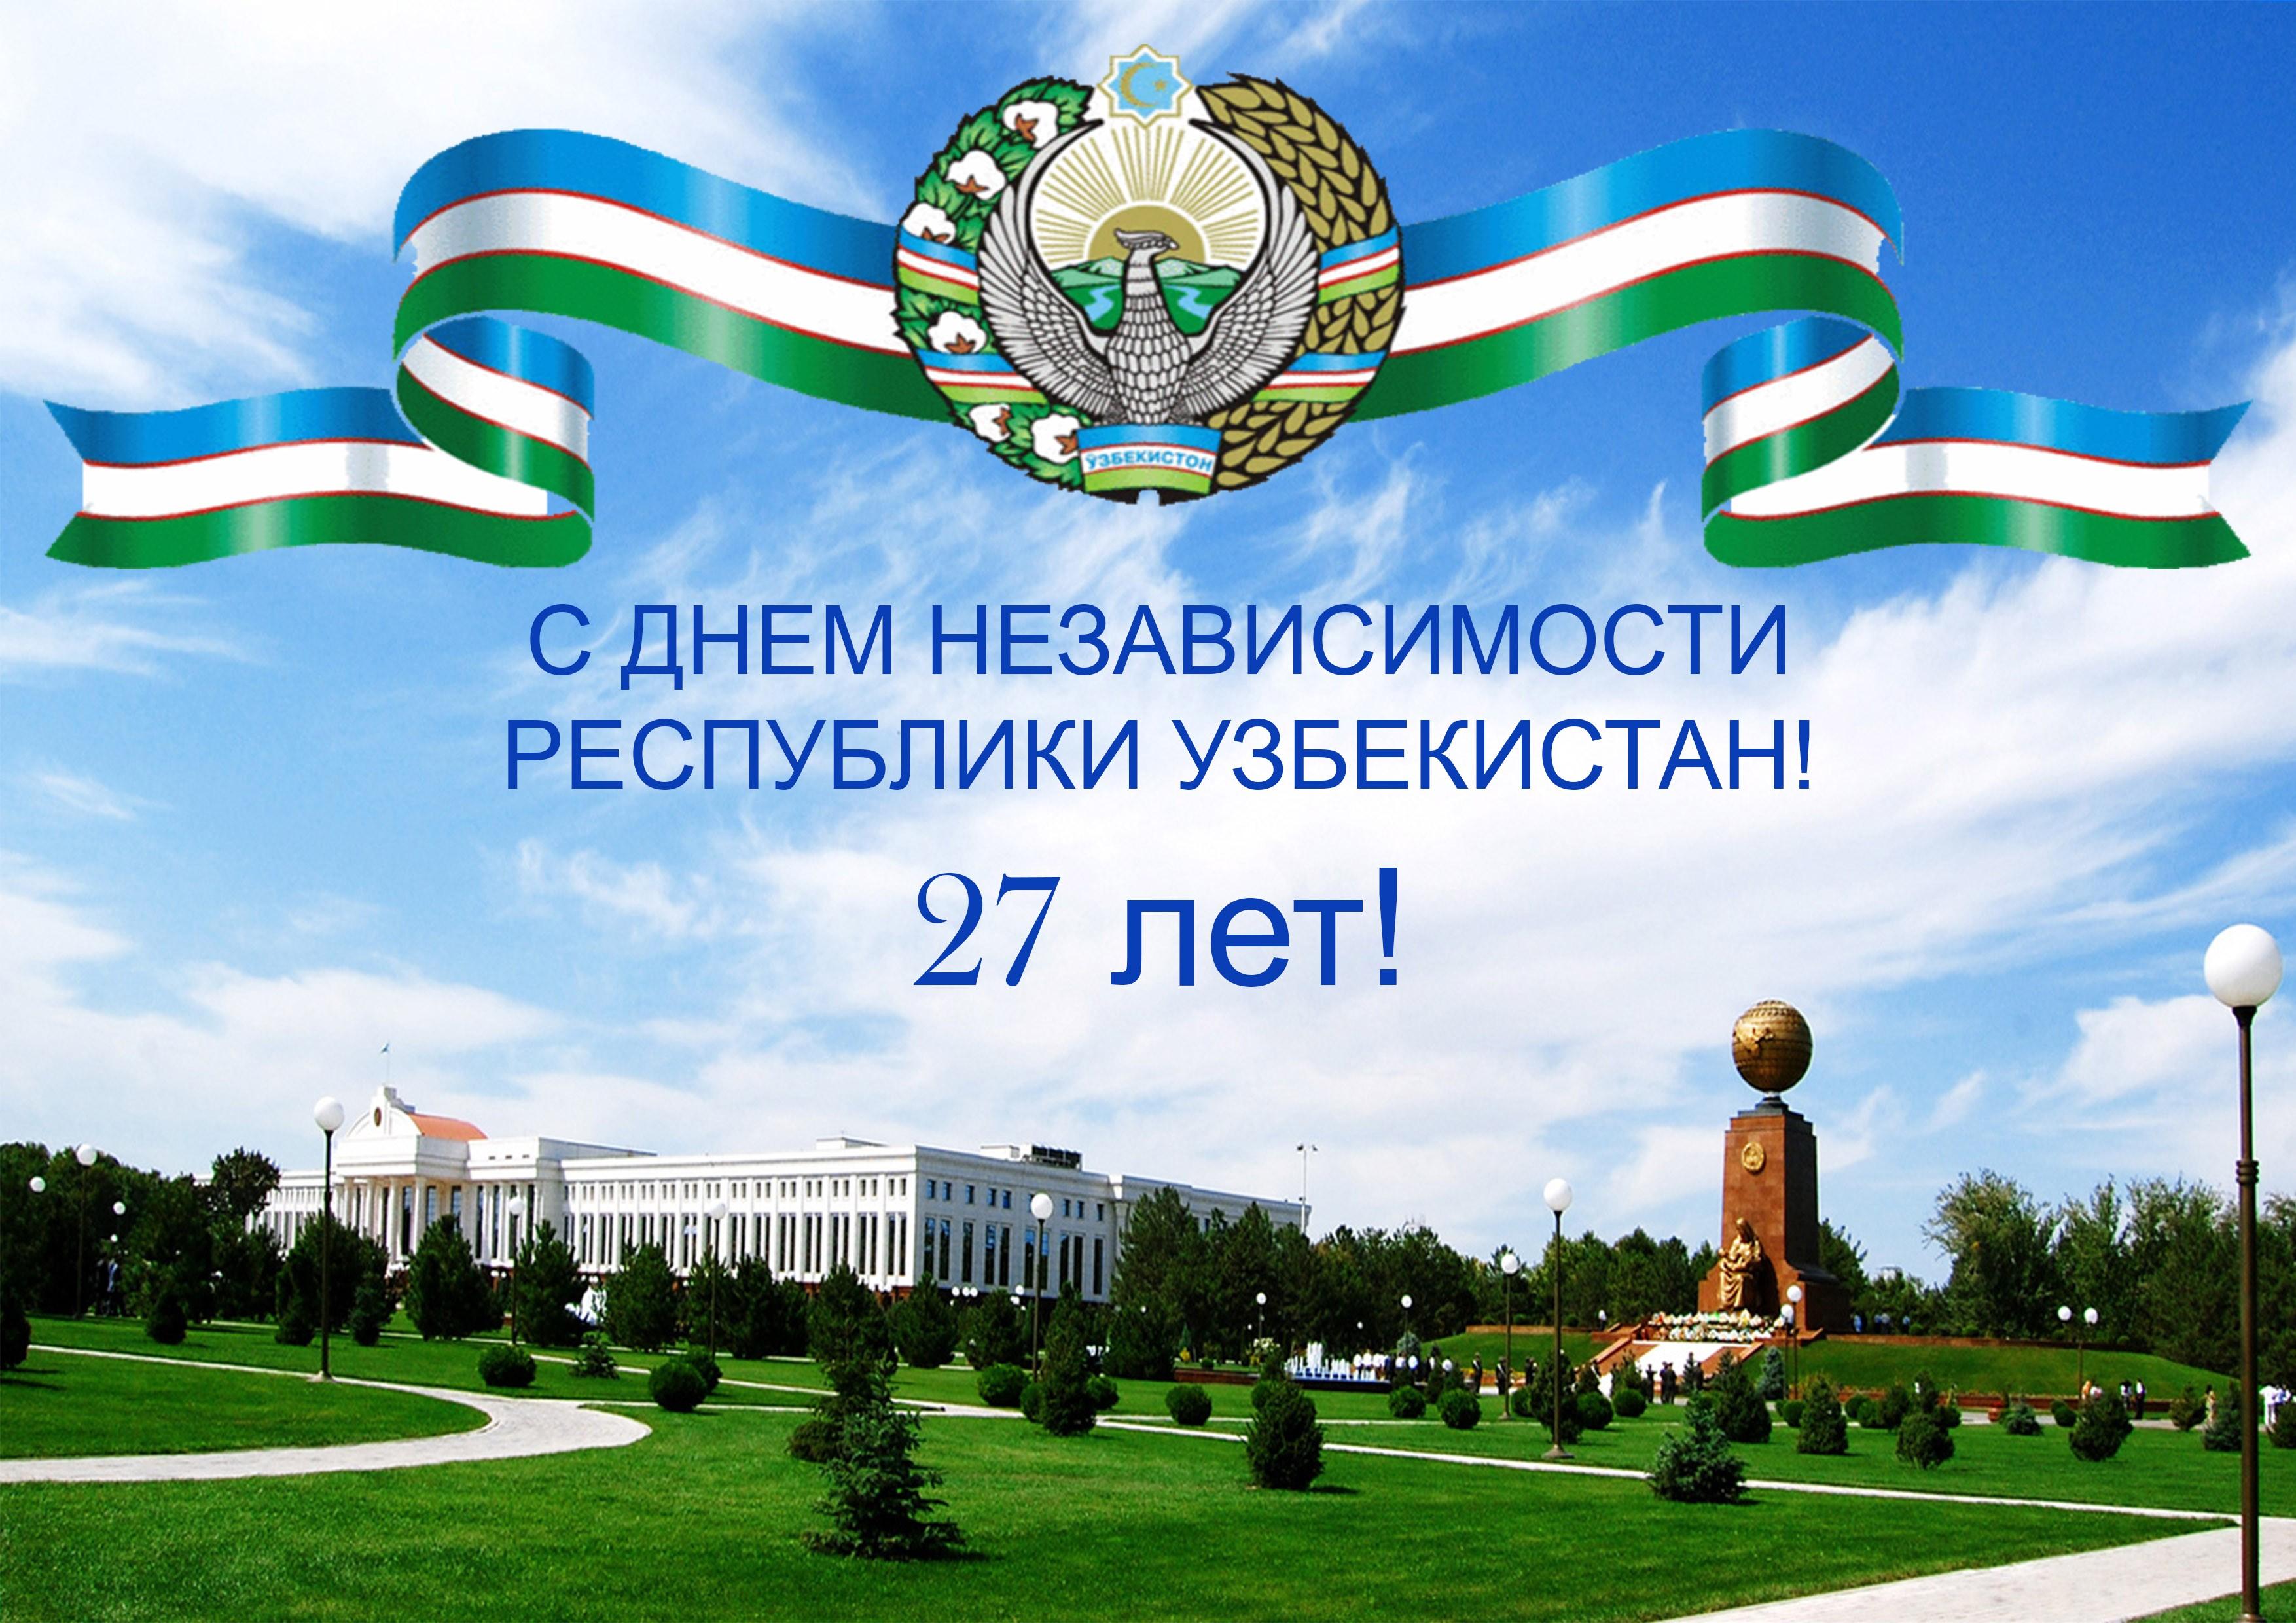 Дорогие друзья! Поздравляем Вас с 27-й годовщиной Независимости Республики Узбекистан!